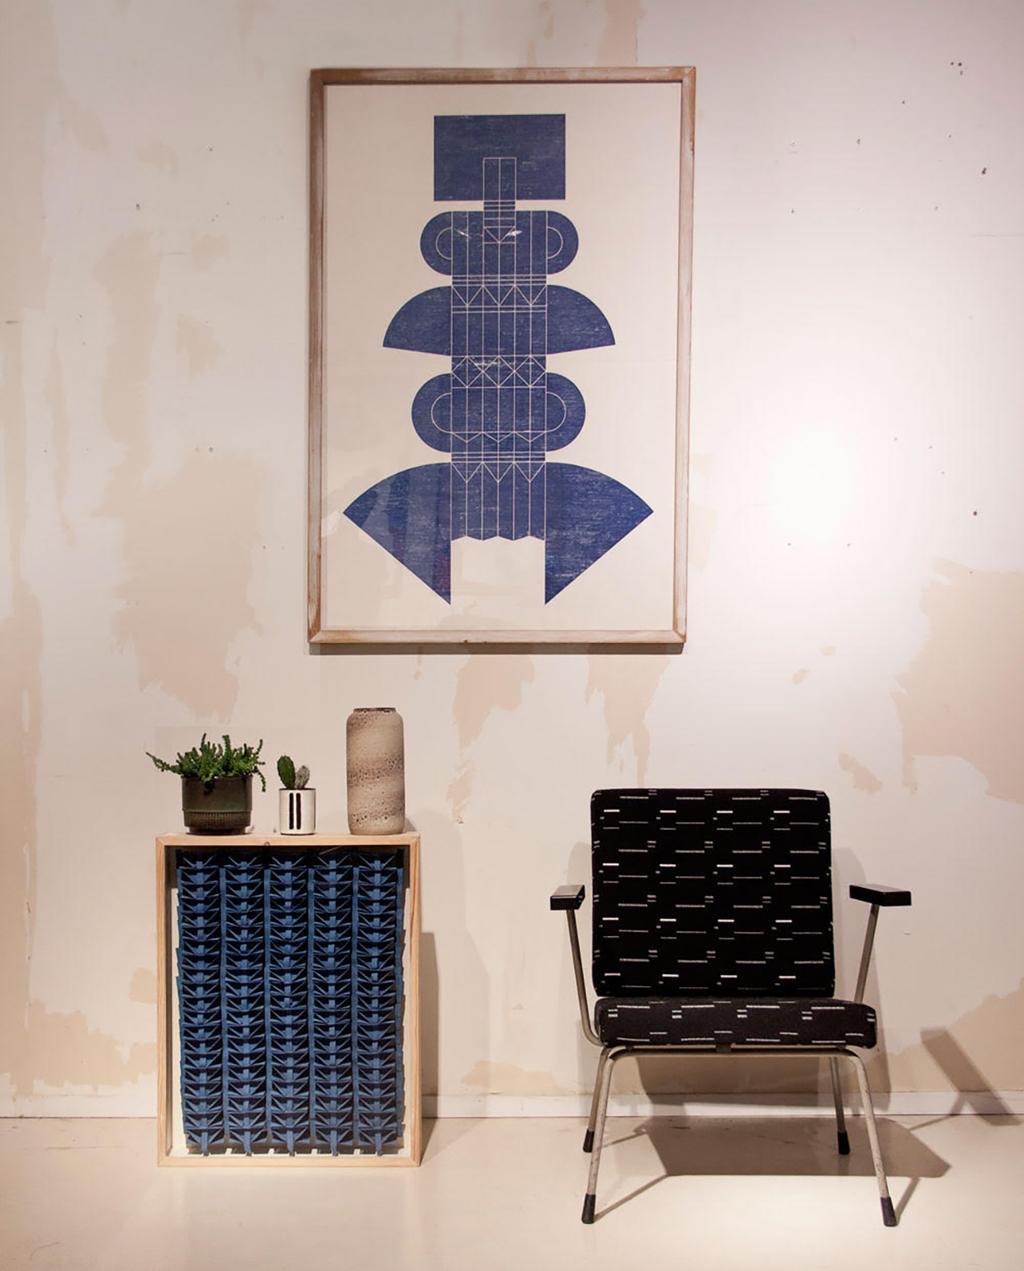 vtwonen 09-2020 | blauw kunstwerk aan de muur en stoelen